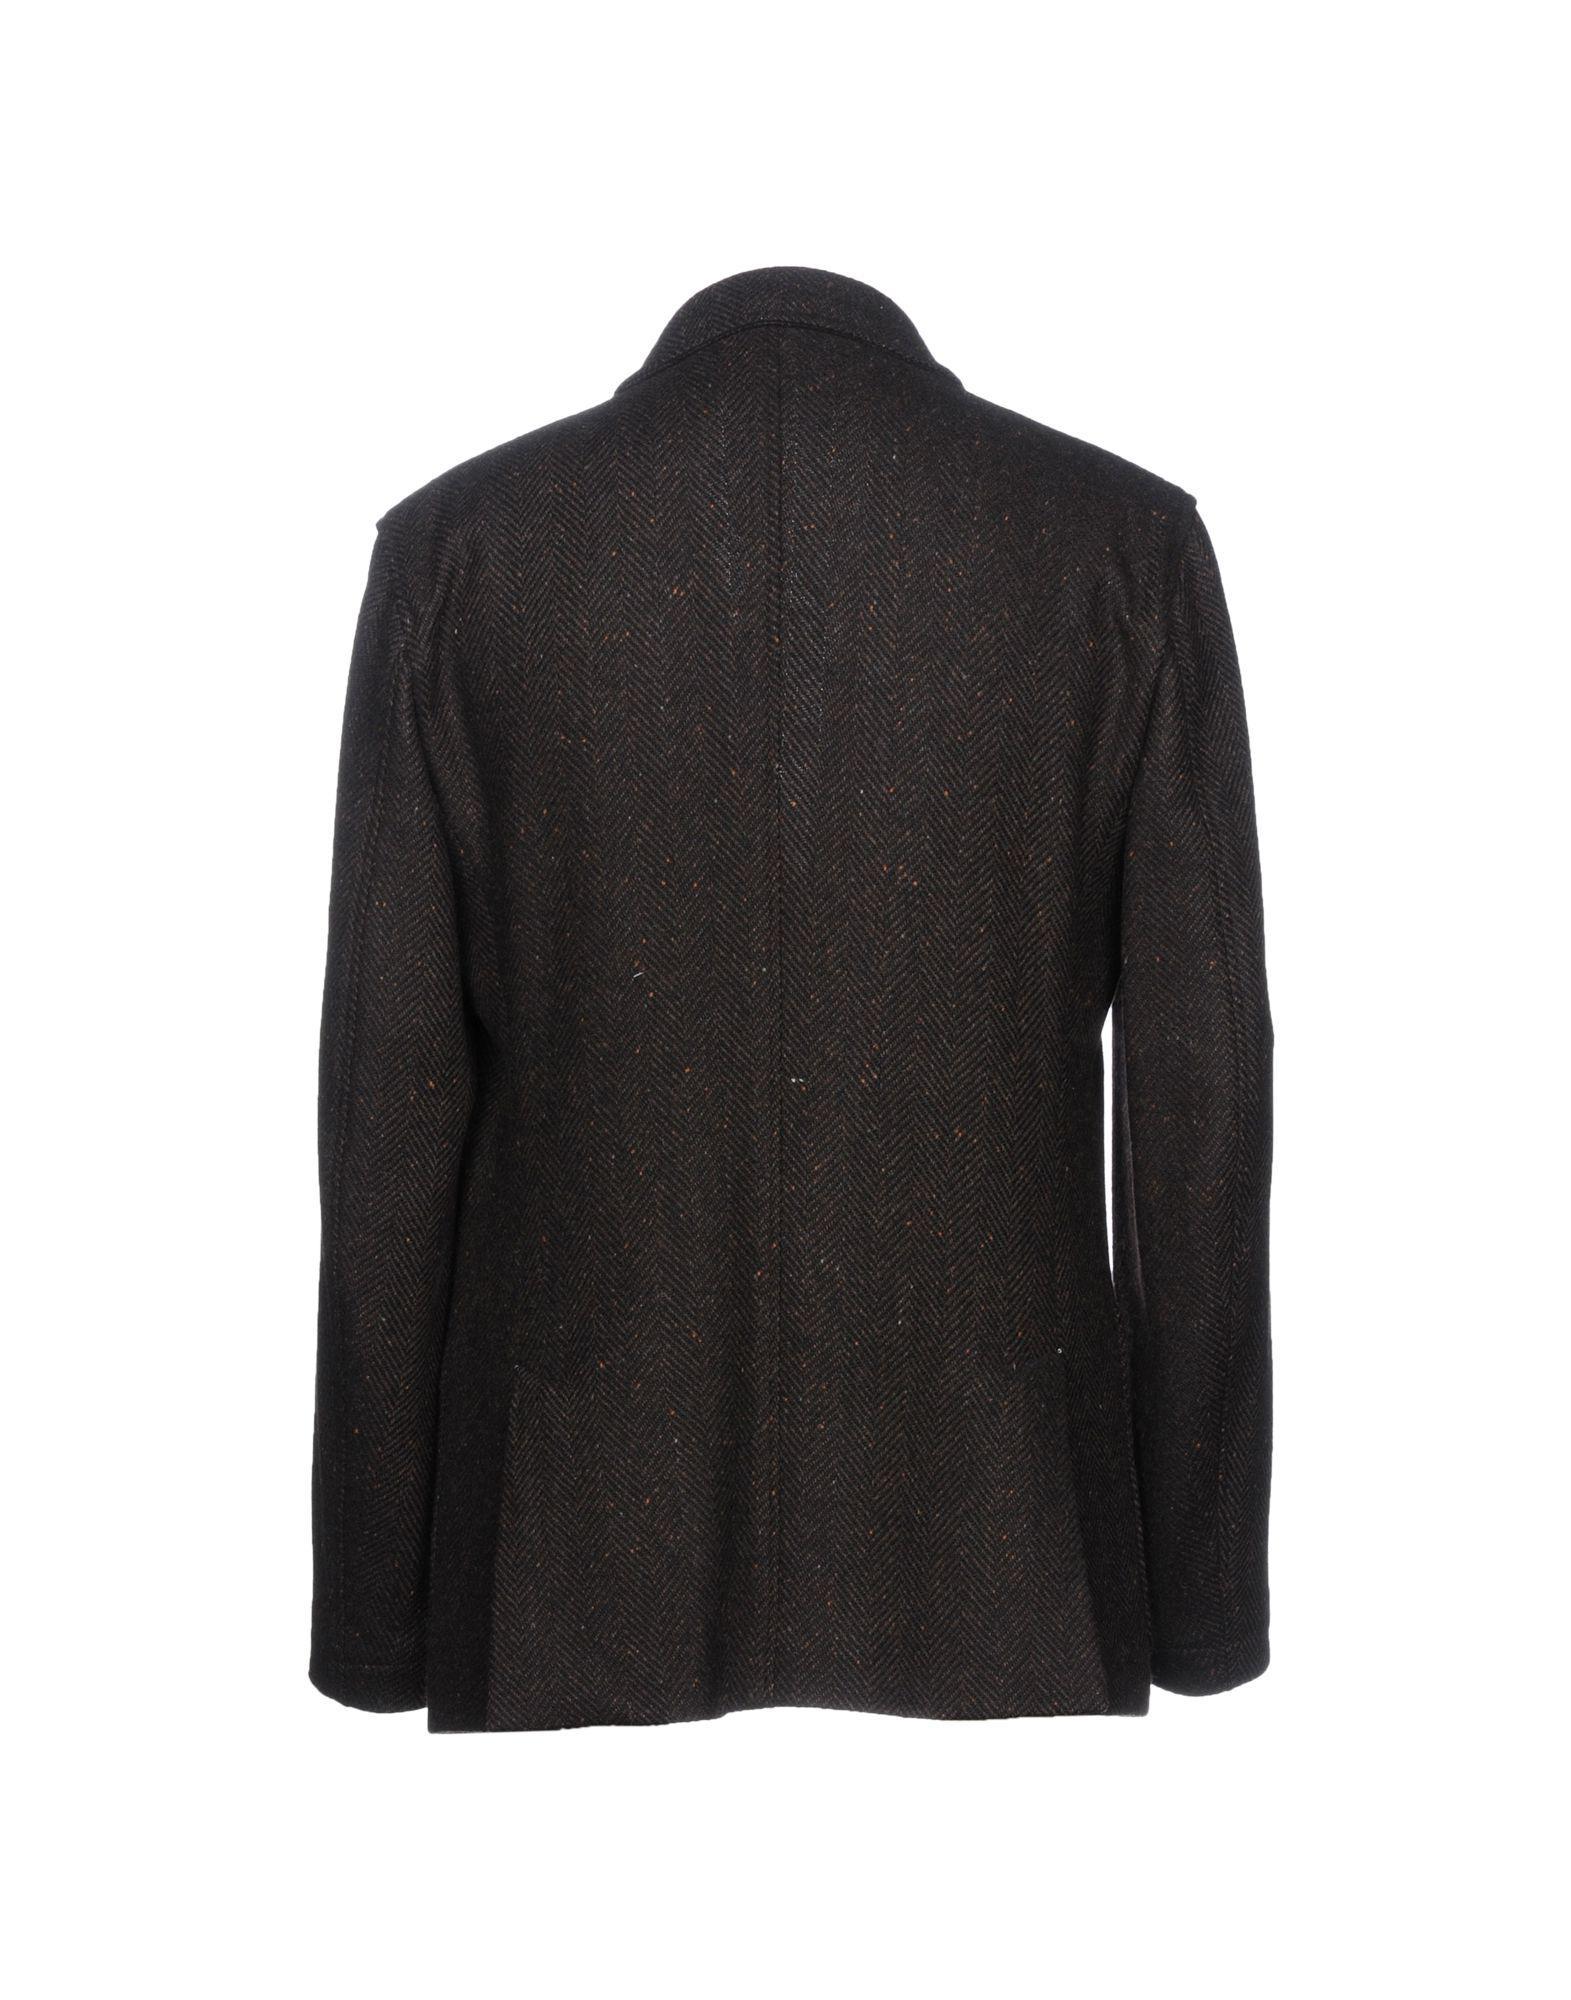 Umit Benan Flannel Blazer in Dark Brown (Brown) for Men